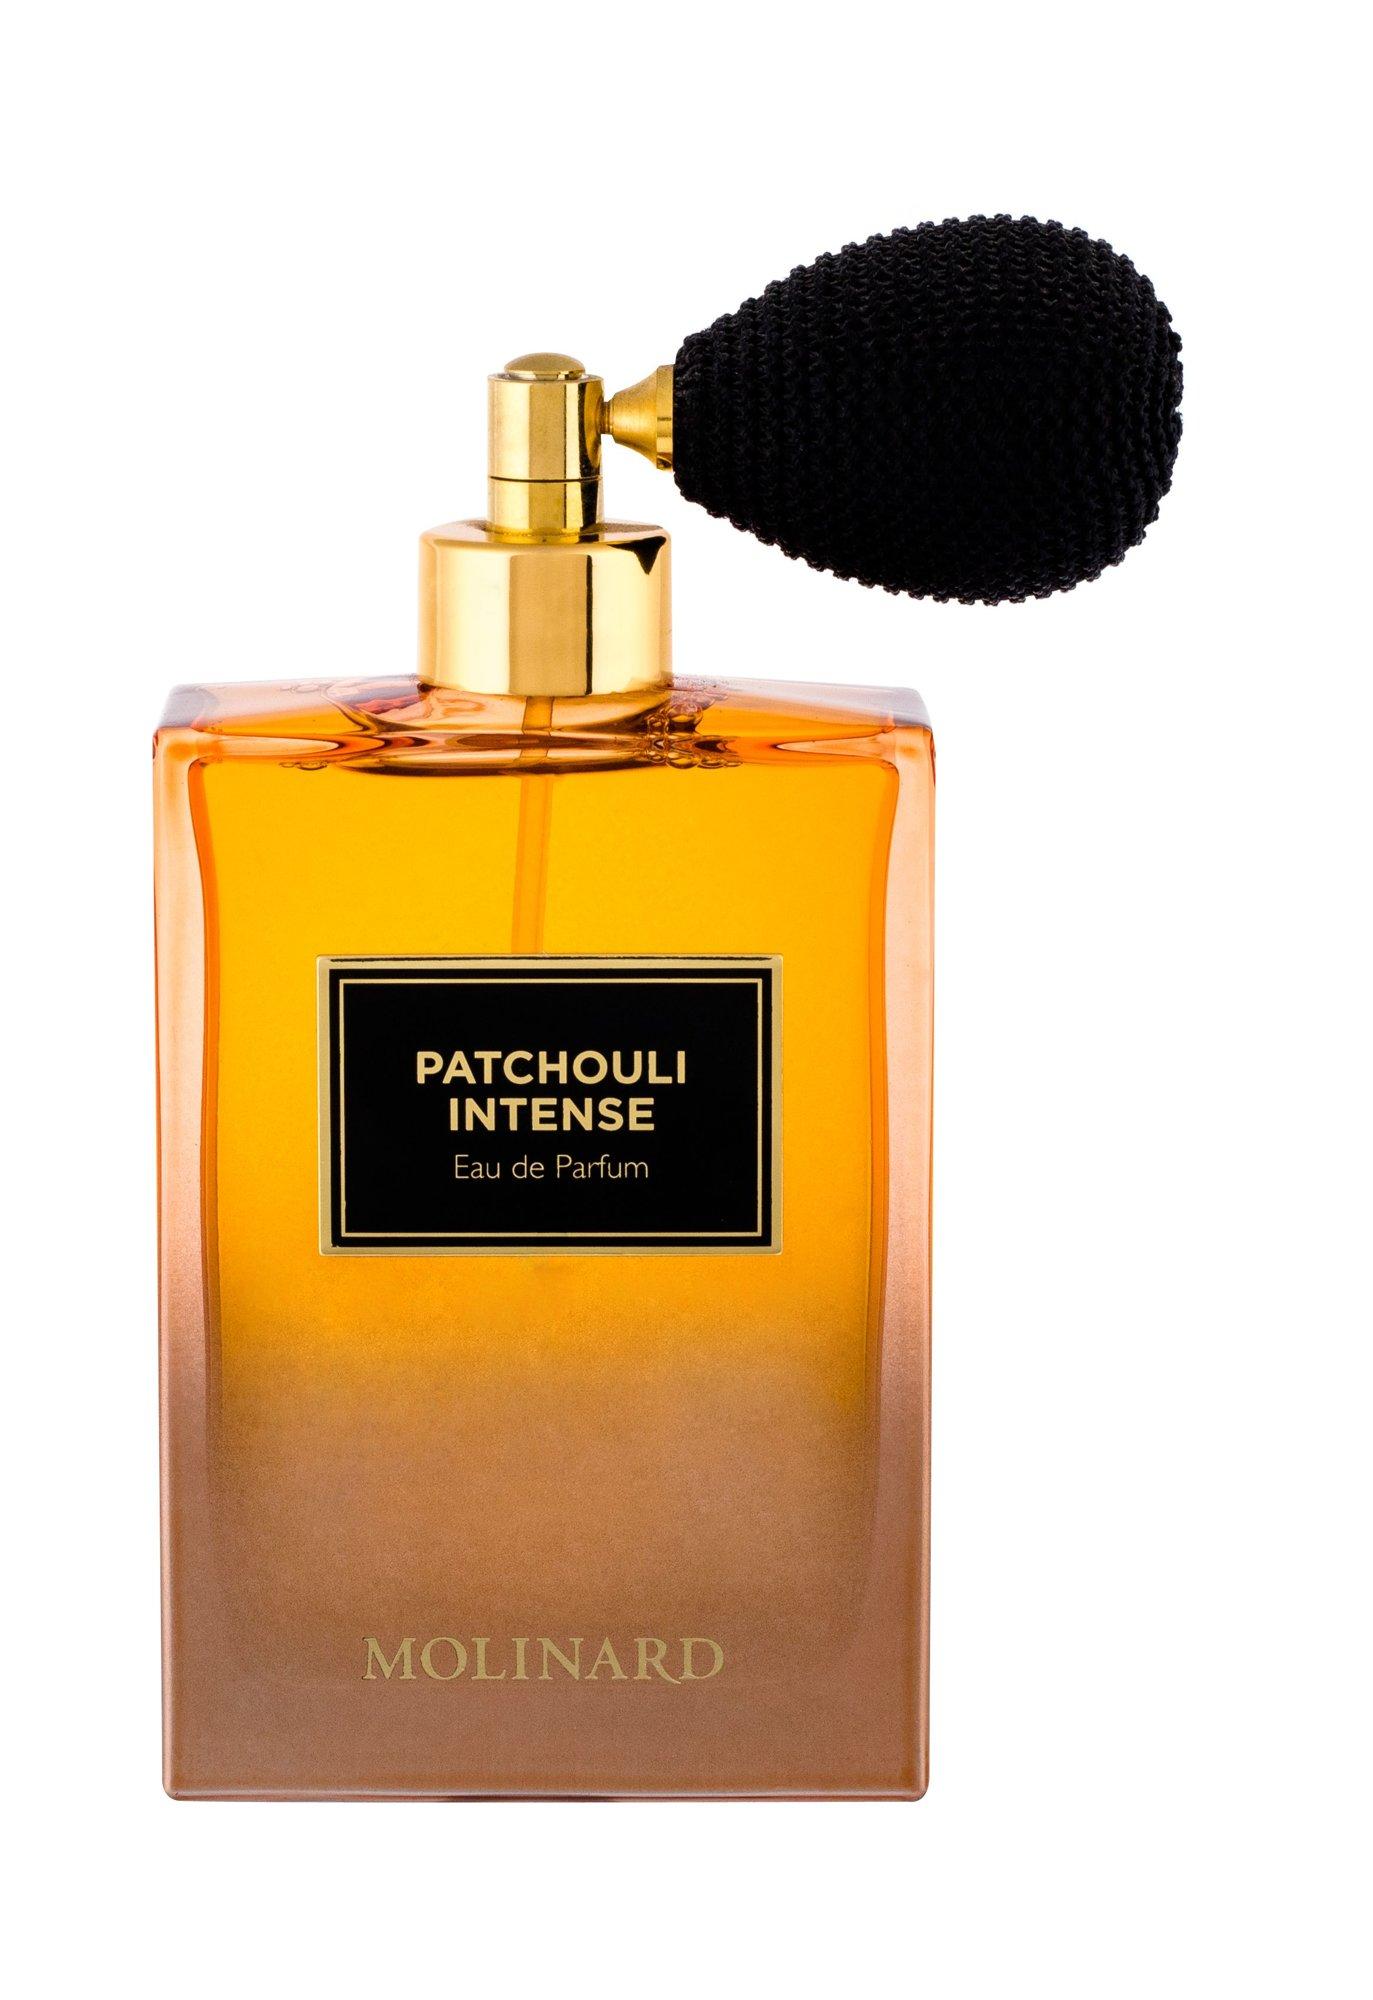 Molinard Les Prestige Collection Eau de Parfum 75ml  Patchouli Intense